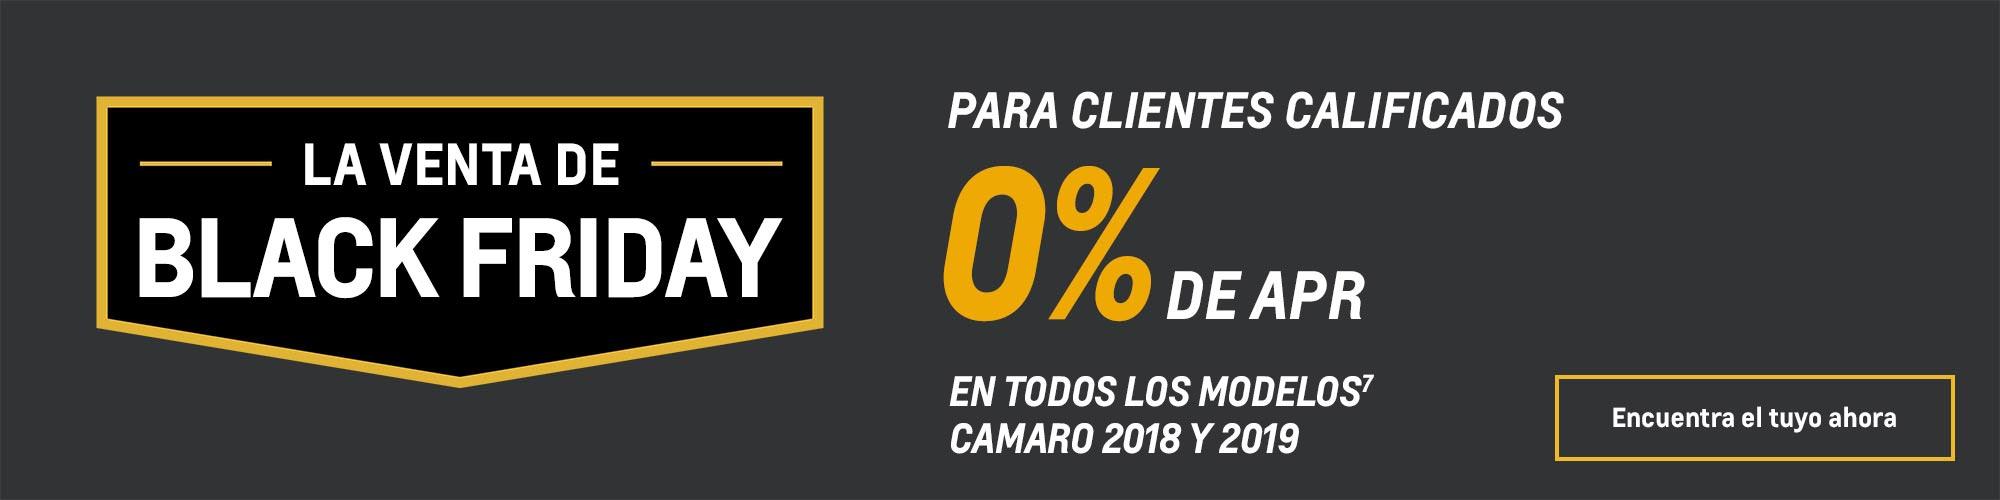 Ofertas Black Friday de Chevy: Camaro: 0% de APR